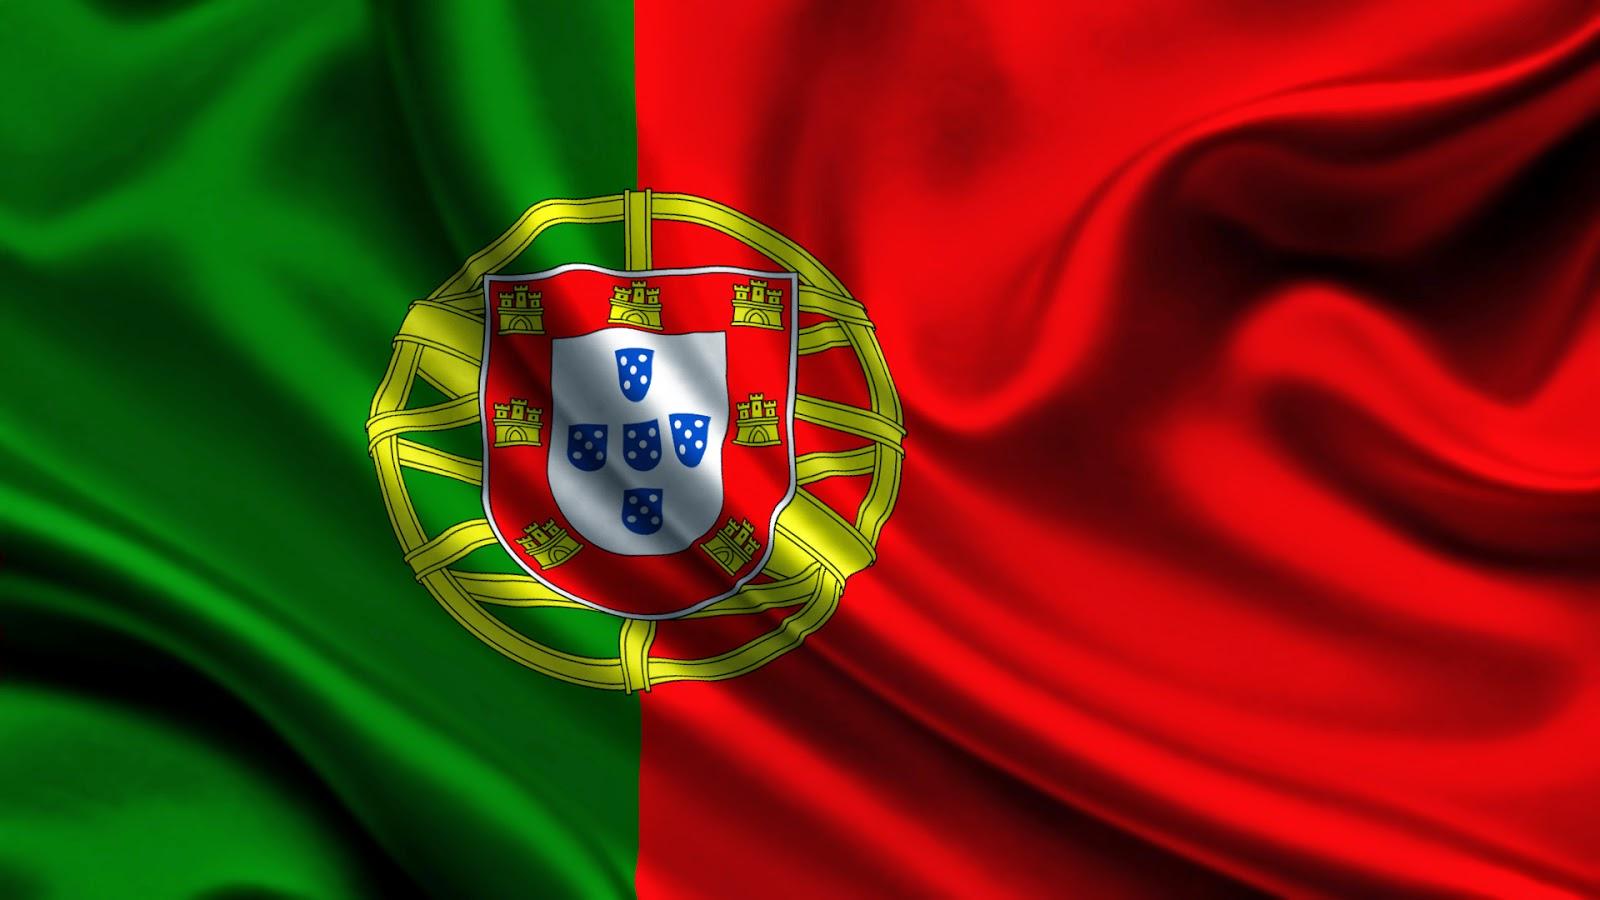 Lista de Frases Oficiales de los Equipos de Futbol para Brasil 2014, III Parte